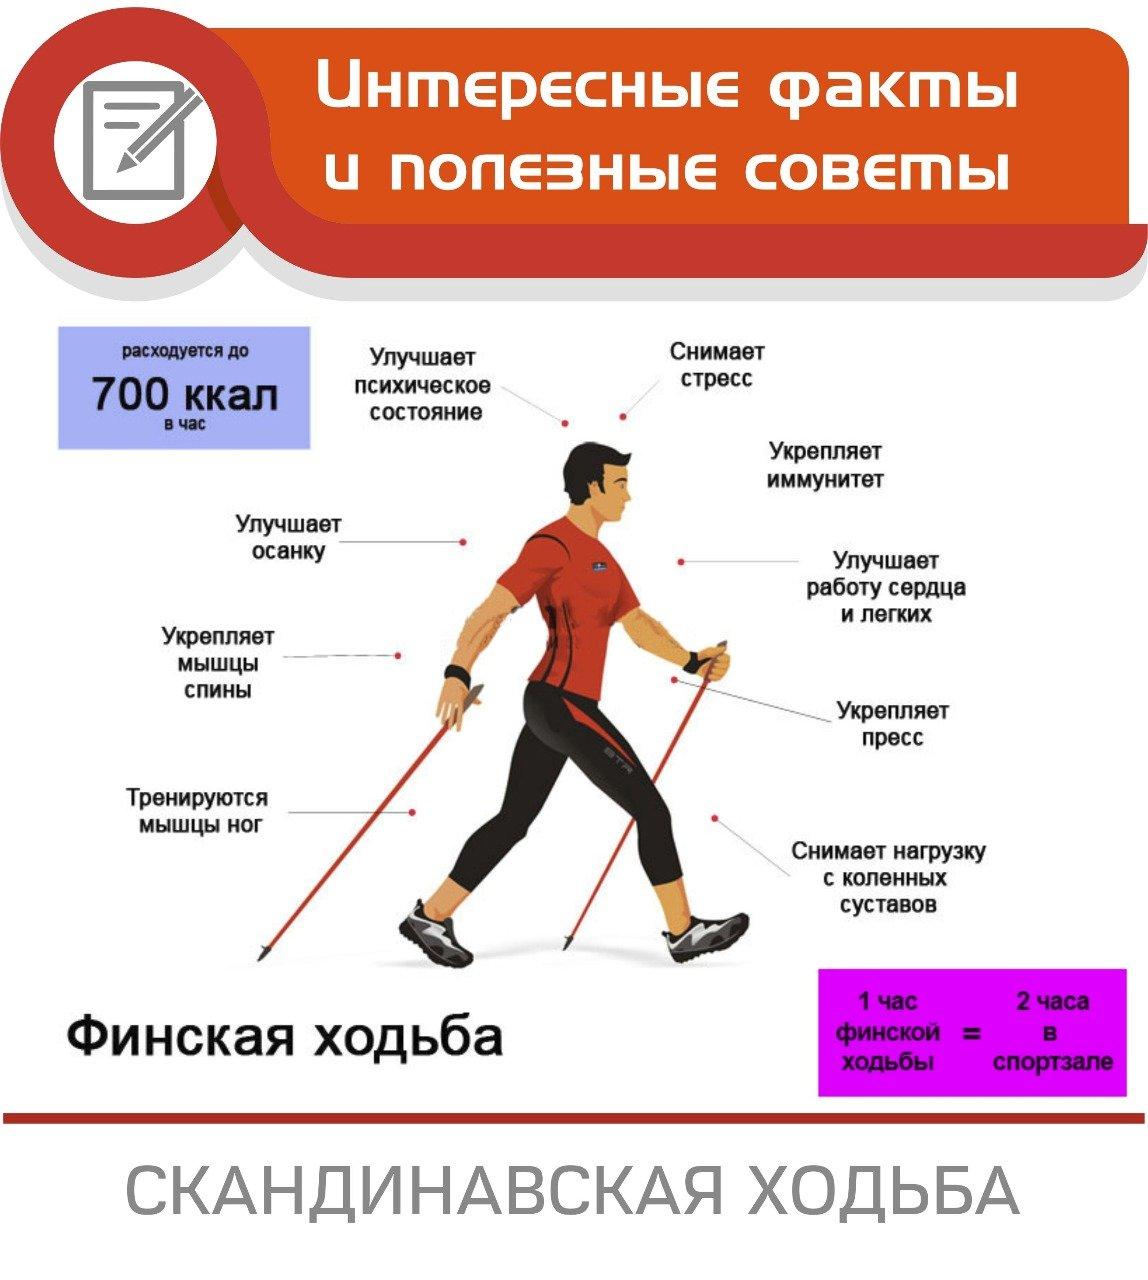 Как Правильно Ходить На Лыжах Чтобы Похудеть. Спорт для сильных, уверенных и стройных — лыжи для похудения